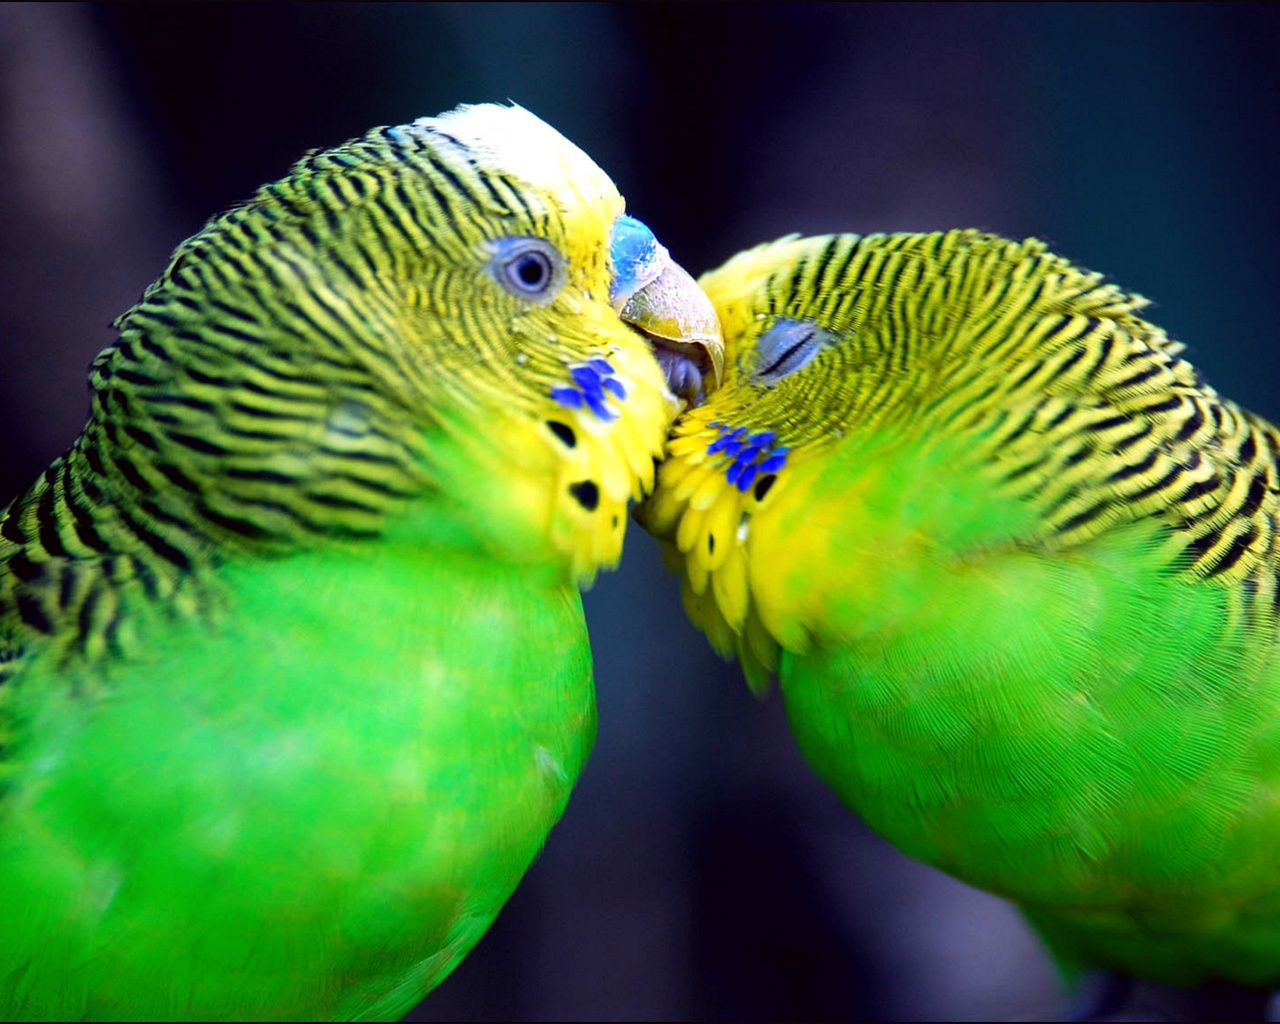 http://3.bp.blogspot.com/-uaPZLdg9eFc/UGQKFg4z5jI/AAAAAAAAHCY/63Zp0H5c-qg/s1600/Birds%2BIn%2BLove%2BHD%2BWallpaper%2B-%2BbestLovehdWallpapers.Blogspot.Com.jpg